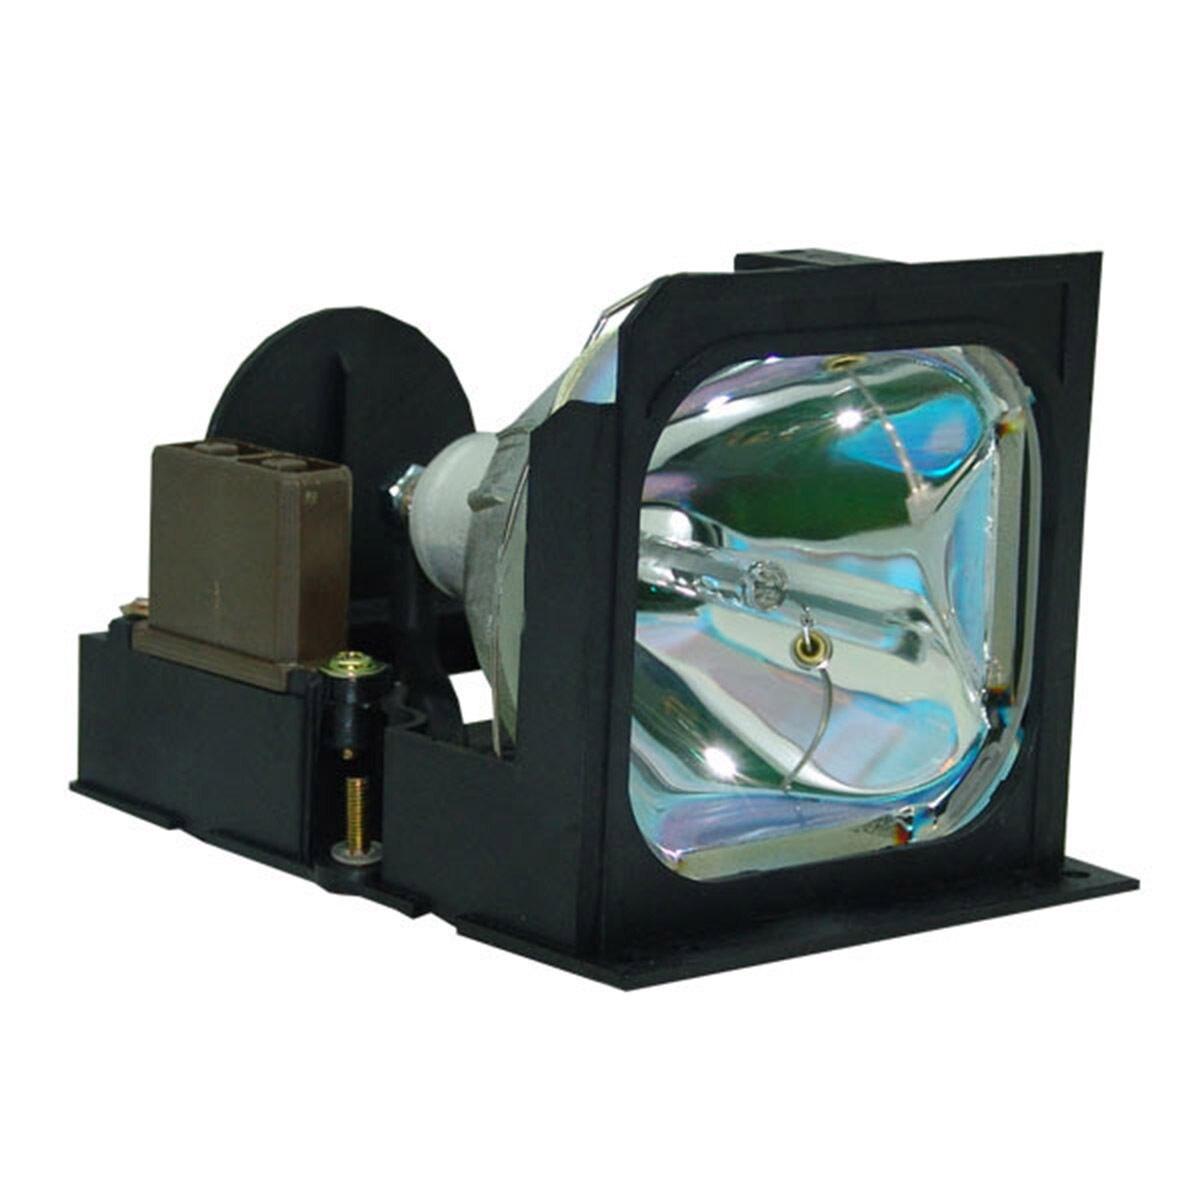 цена на Projector Lamp Bulb VLT-X70LP X70LP VLTX70LP for Mitsubishi X70 X70U X50B S50U S50 X50 LVP-X50U with housing